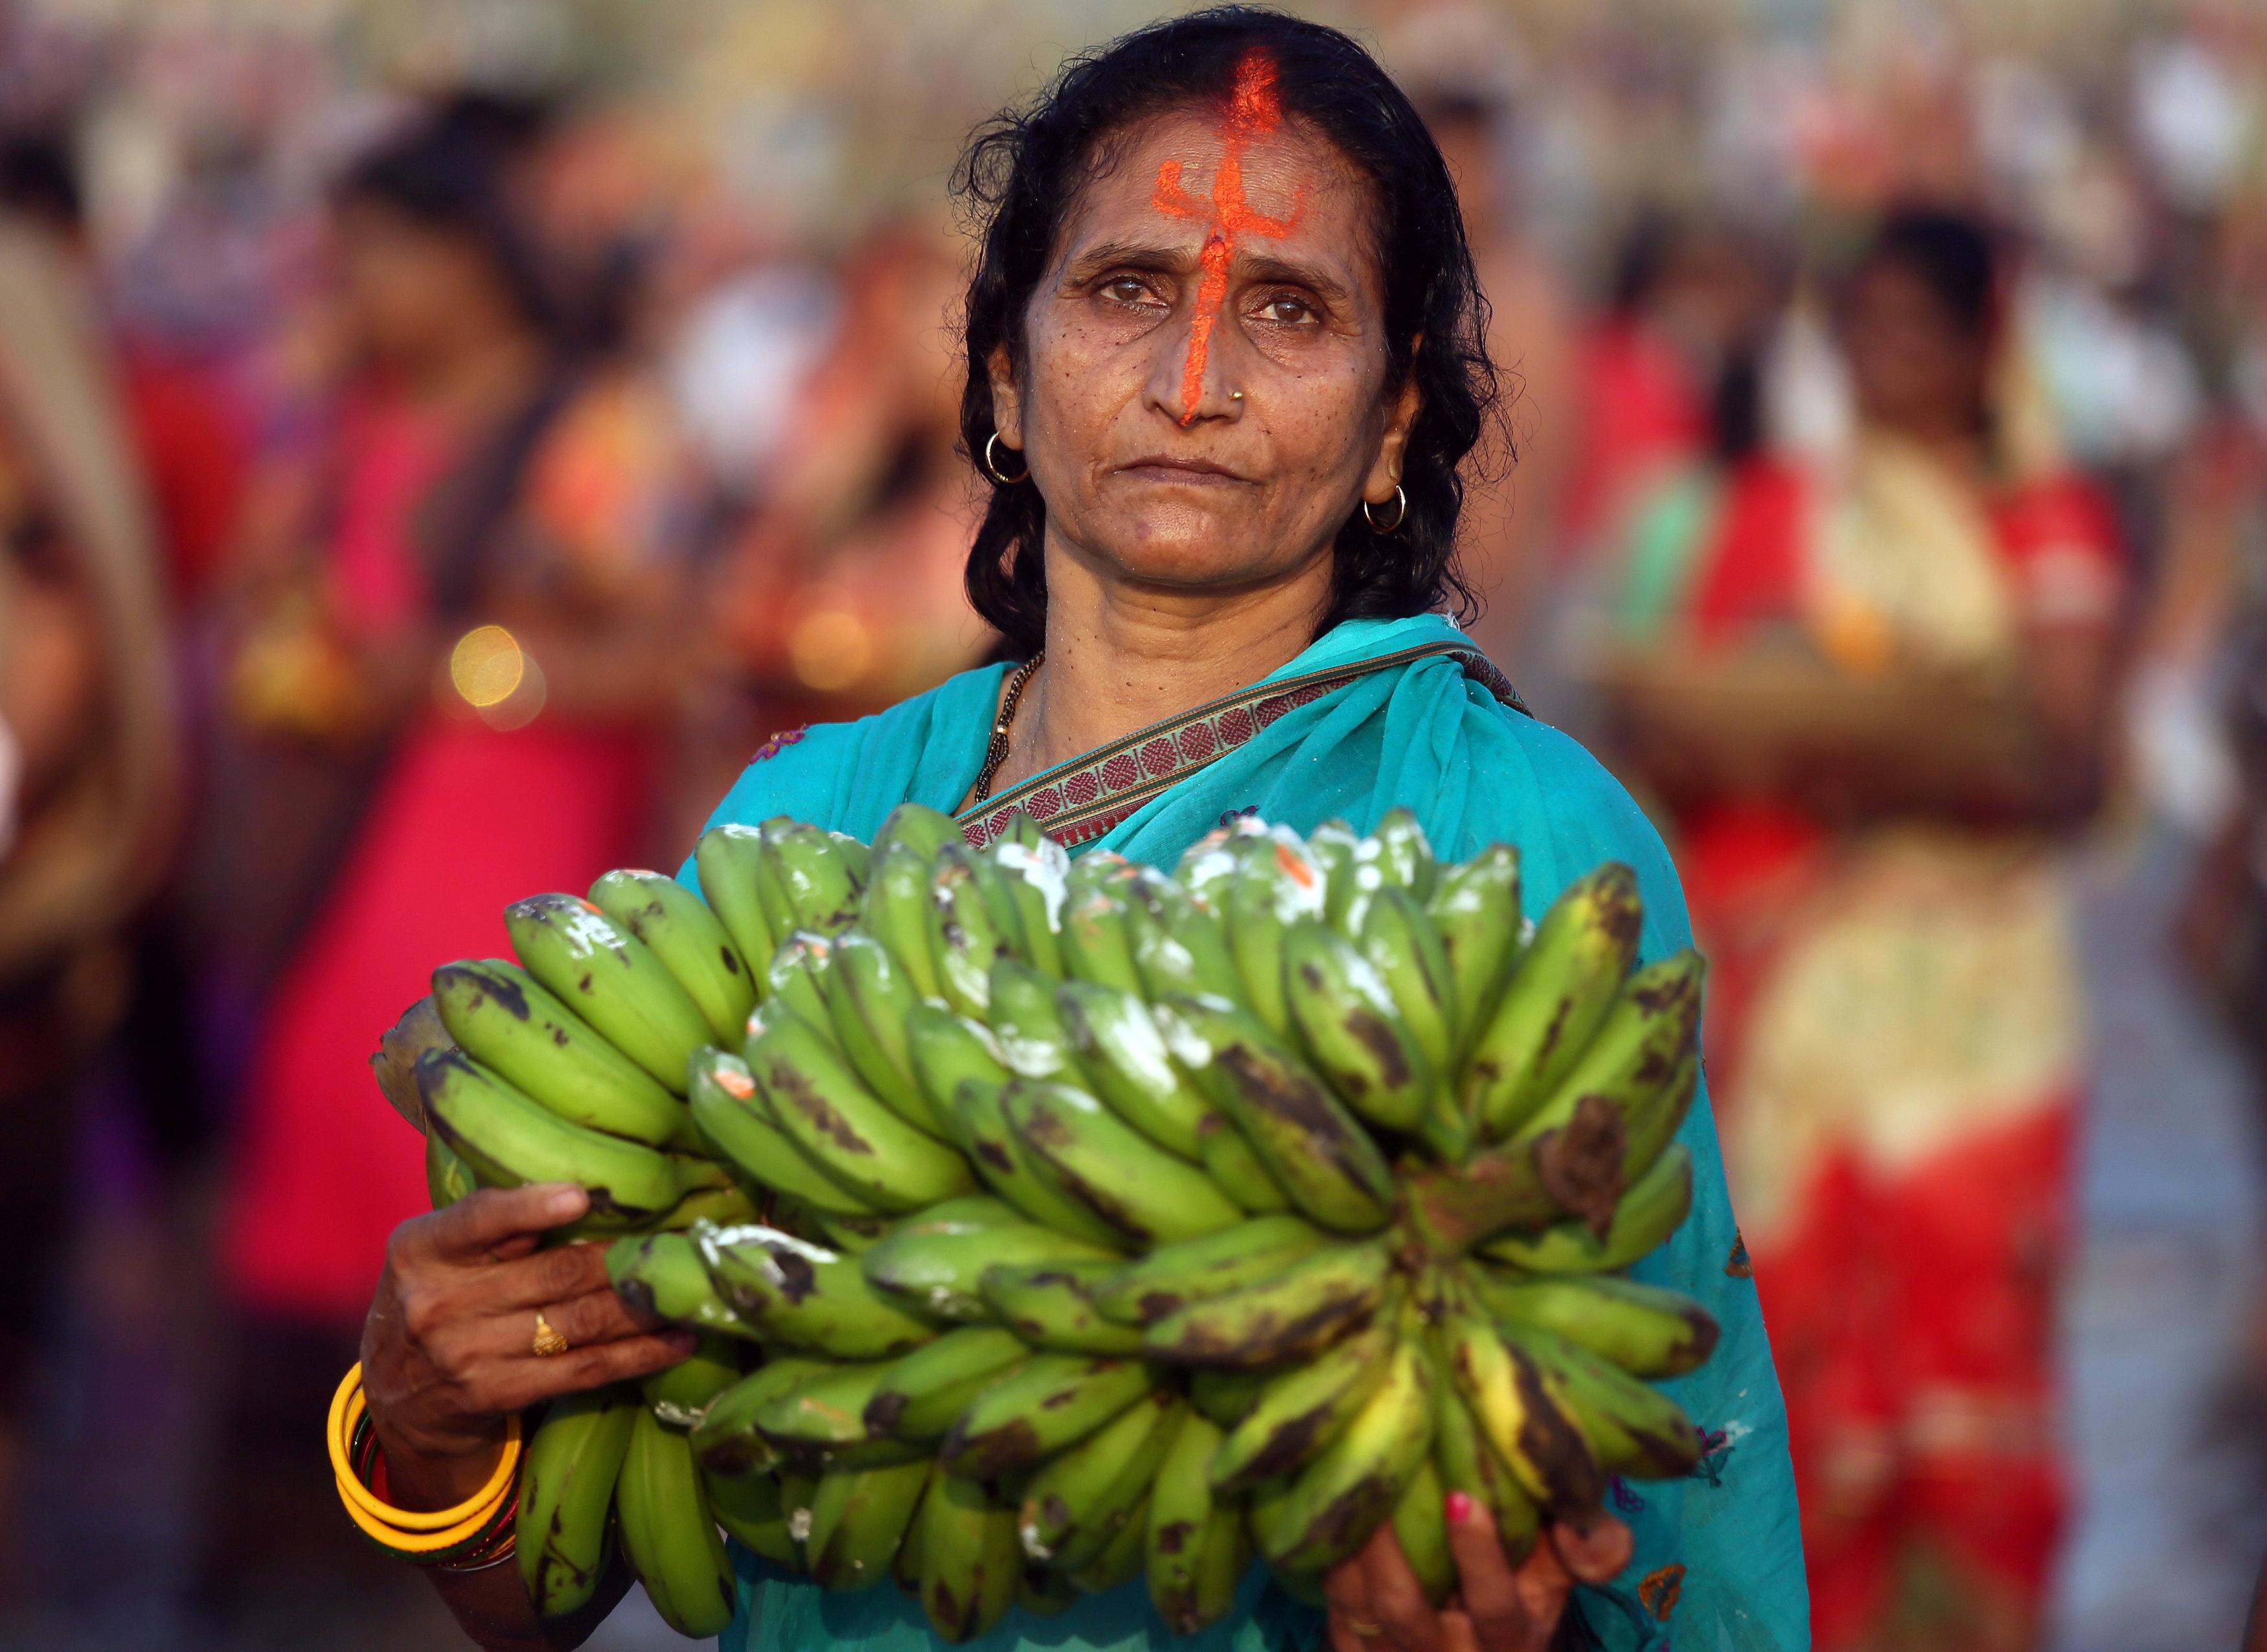 امرأة تحمل قرابين من الموز لإله الشمس